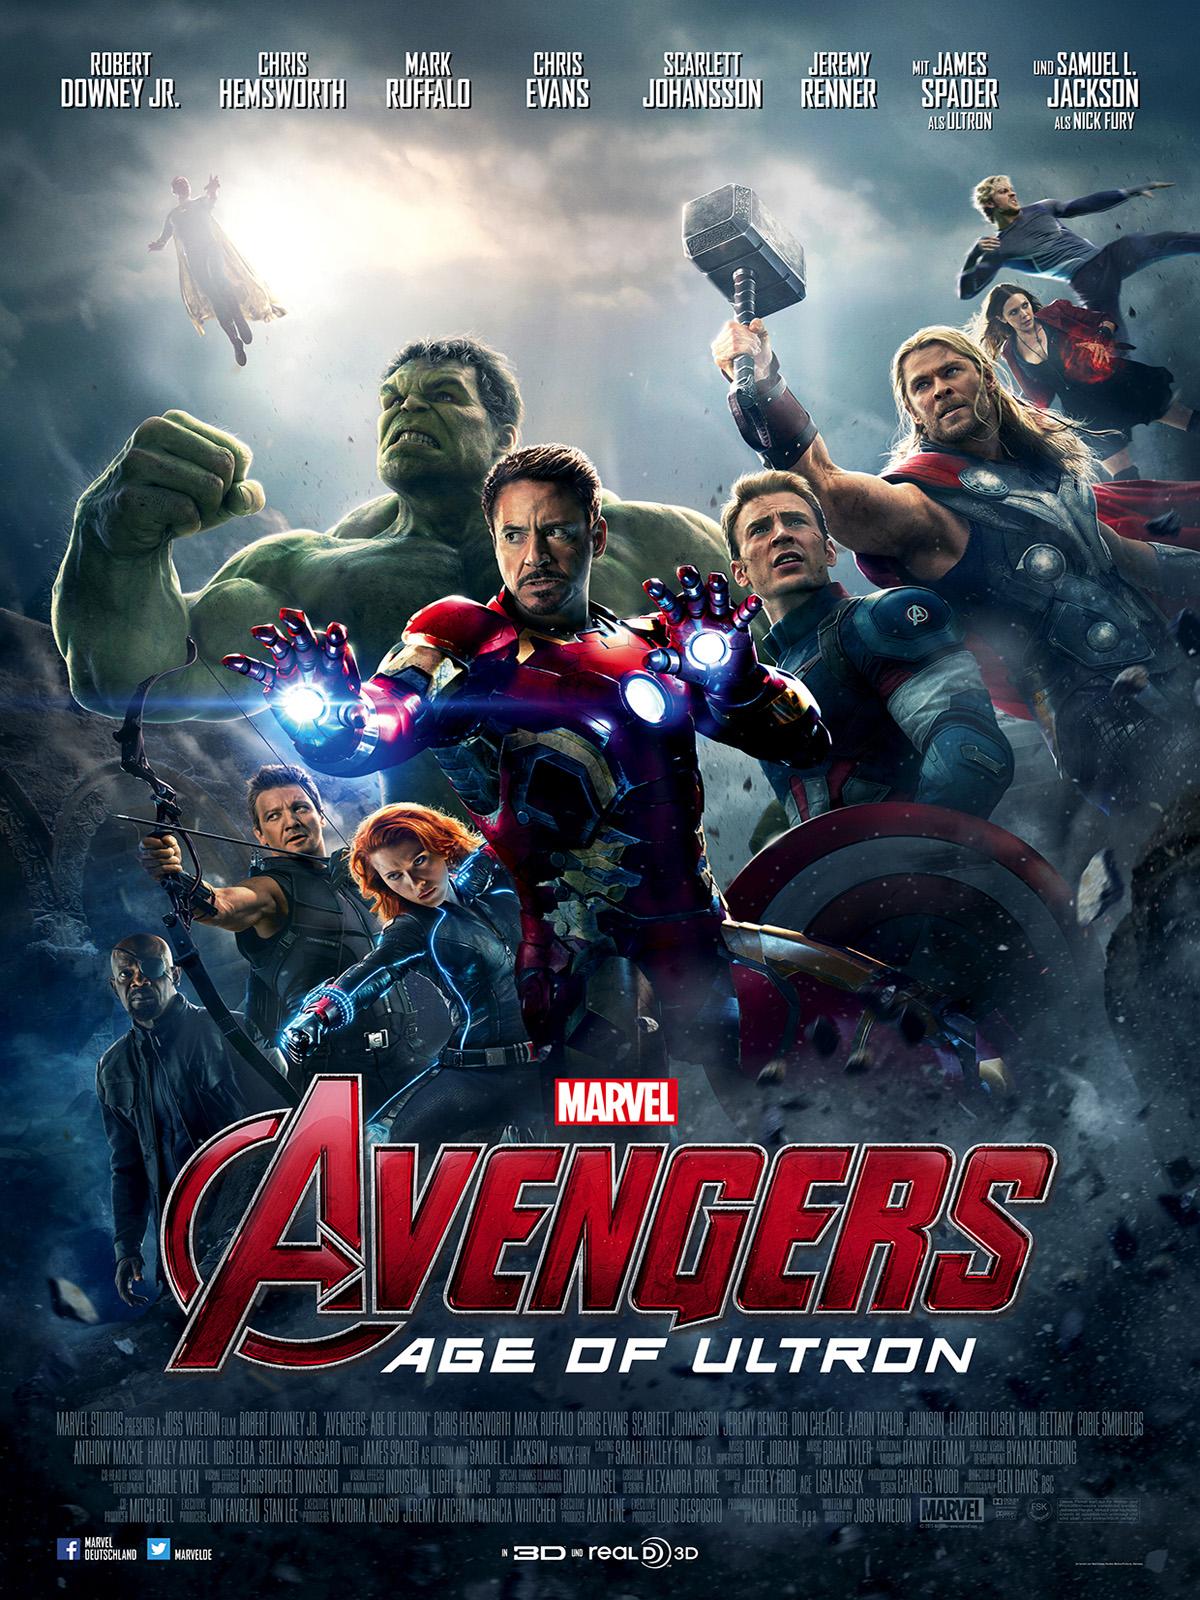 Avengers 2: Age of Ultron - Film 2015 - FILMSTARTS.de